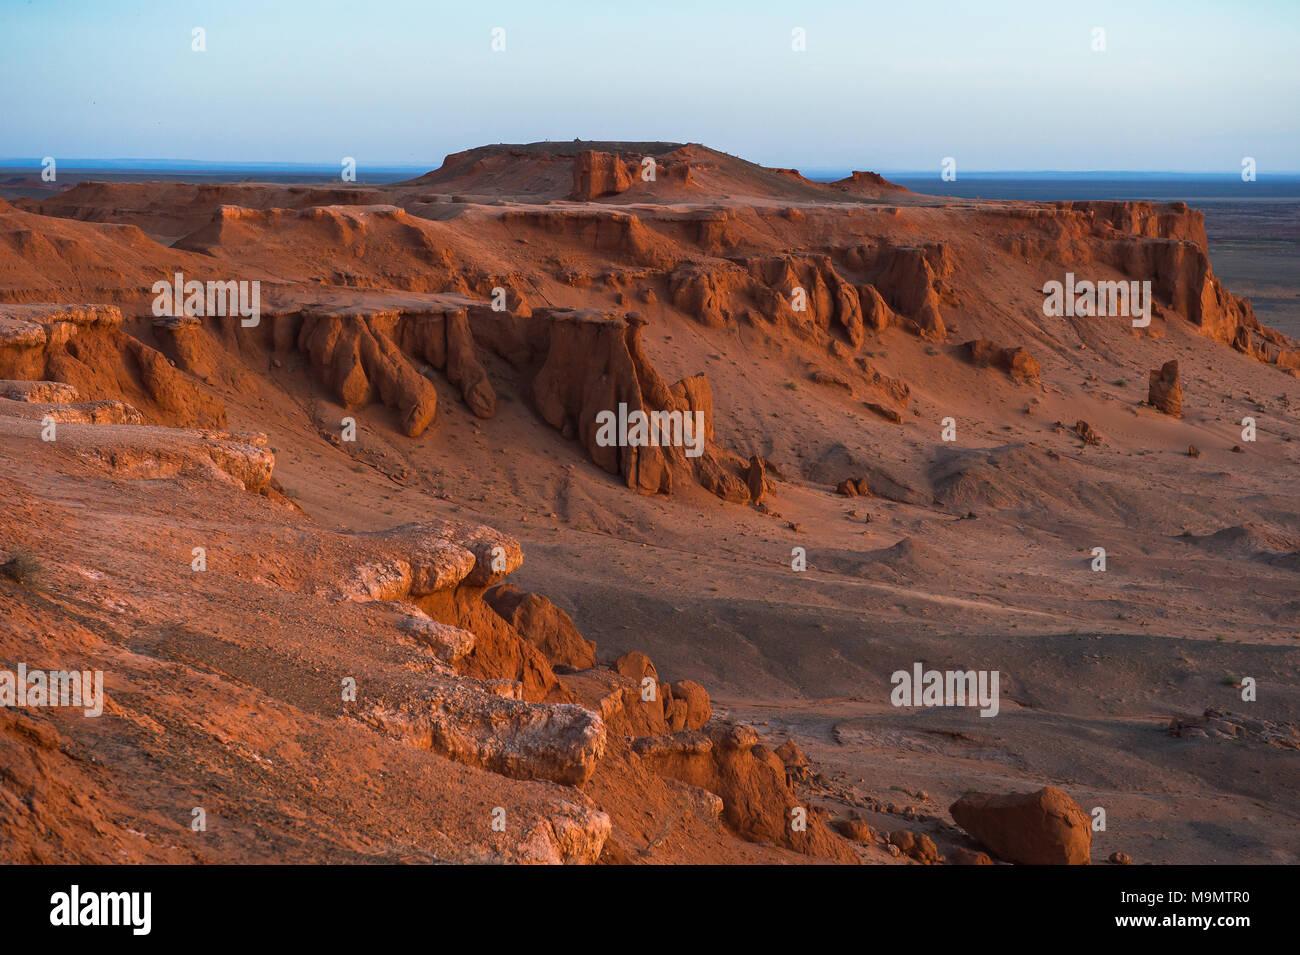 Flaming Cliffs, Gobi desert, Mongolia - Stock Image